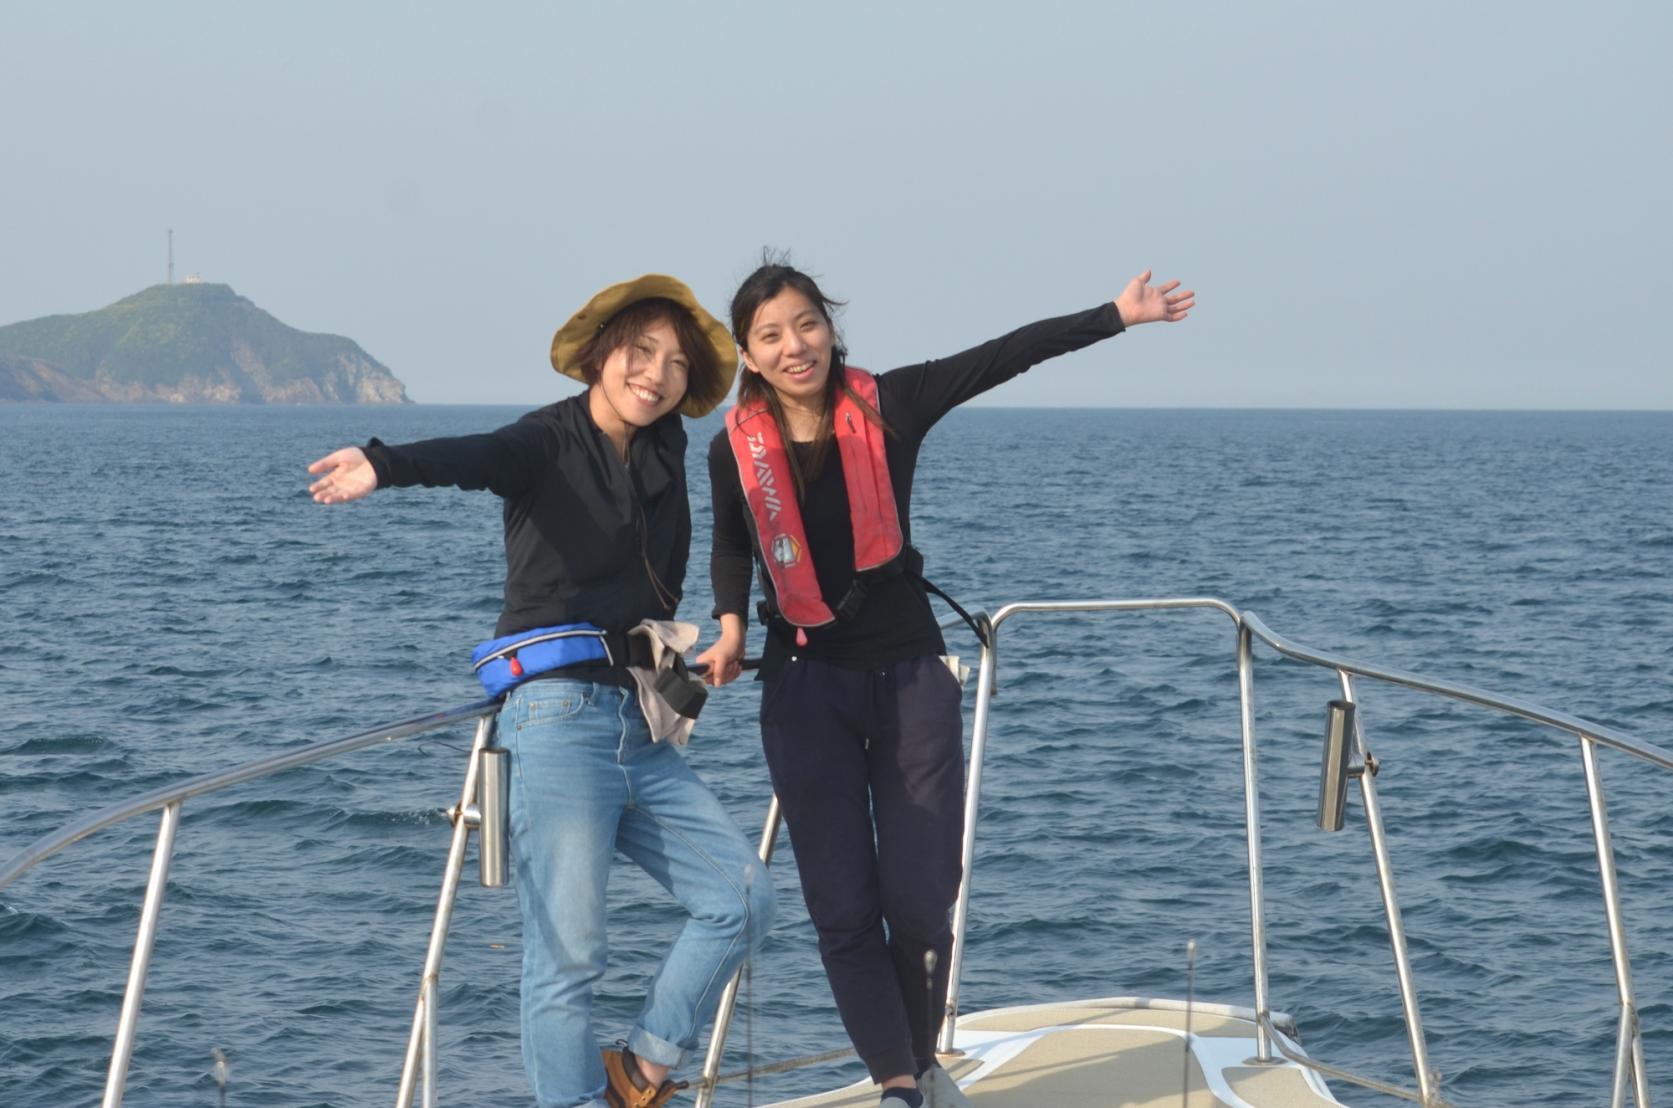 対馬の海を五感で楽しむ!遊漁船&BBQツアー-4